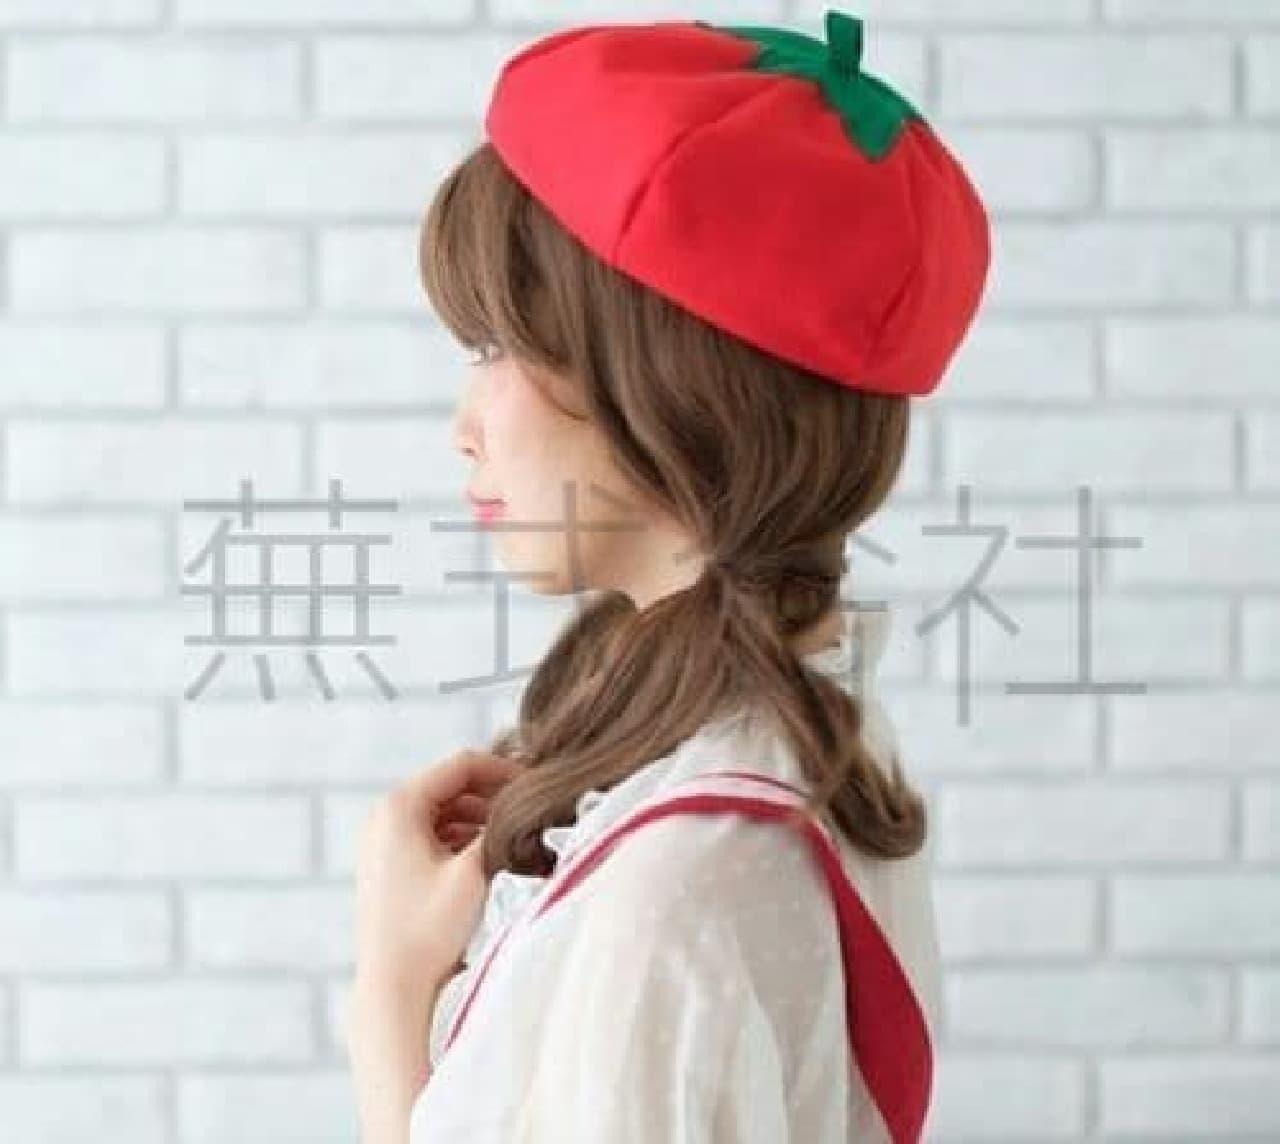 「野菜帽子 トマト」は、トマトがモチーフとなった帽子